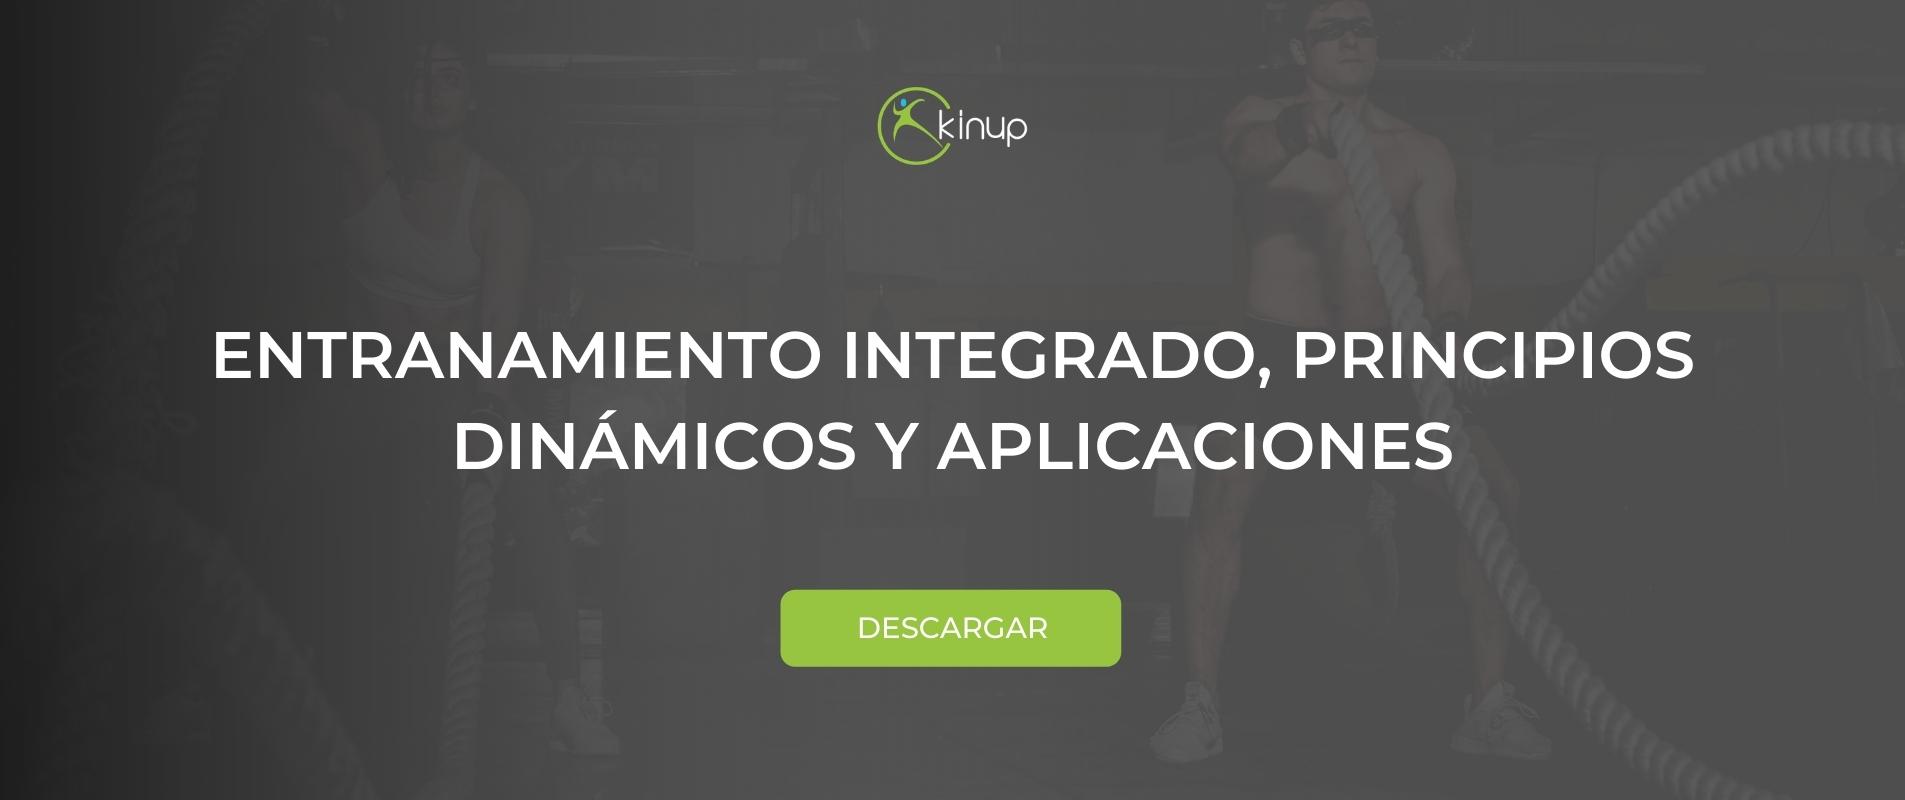 Entrenamiento integrado, principios dinámicos y aplicaciones